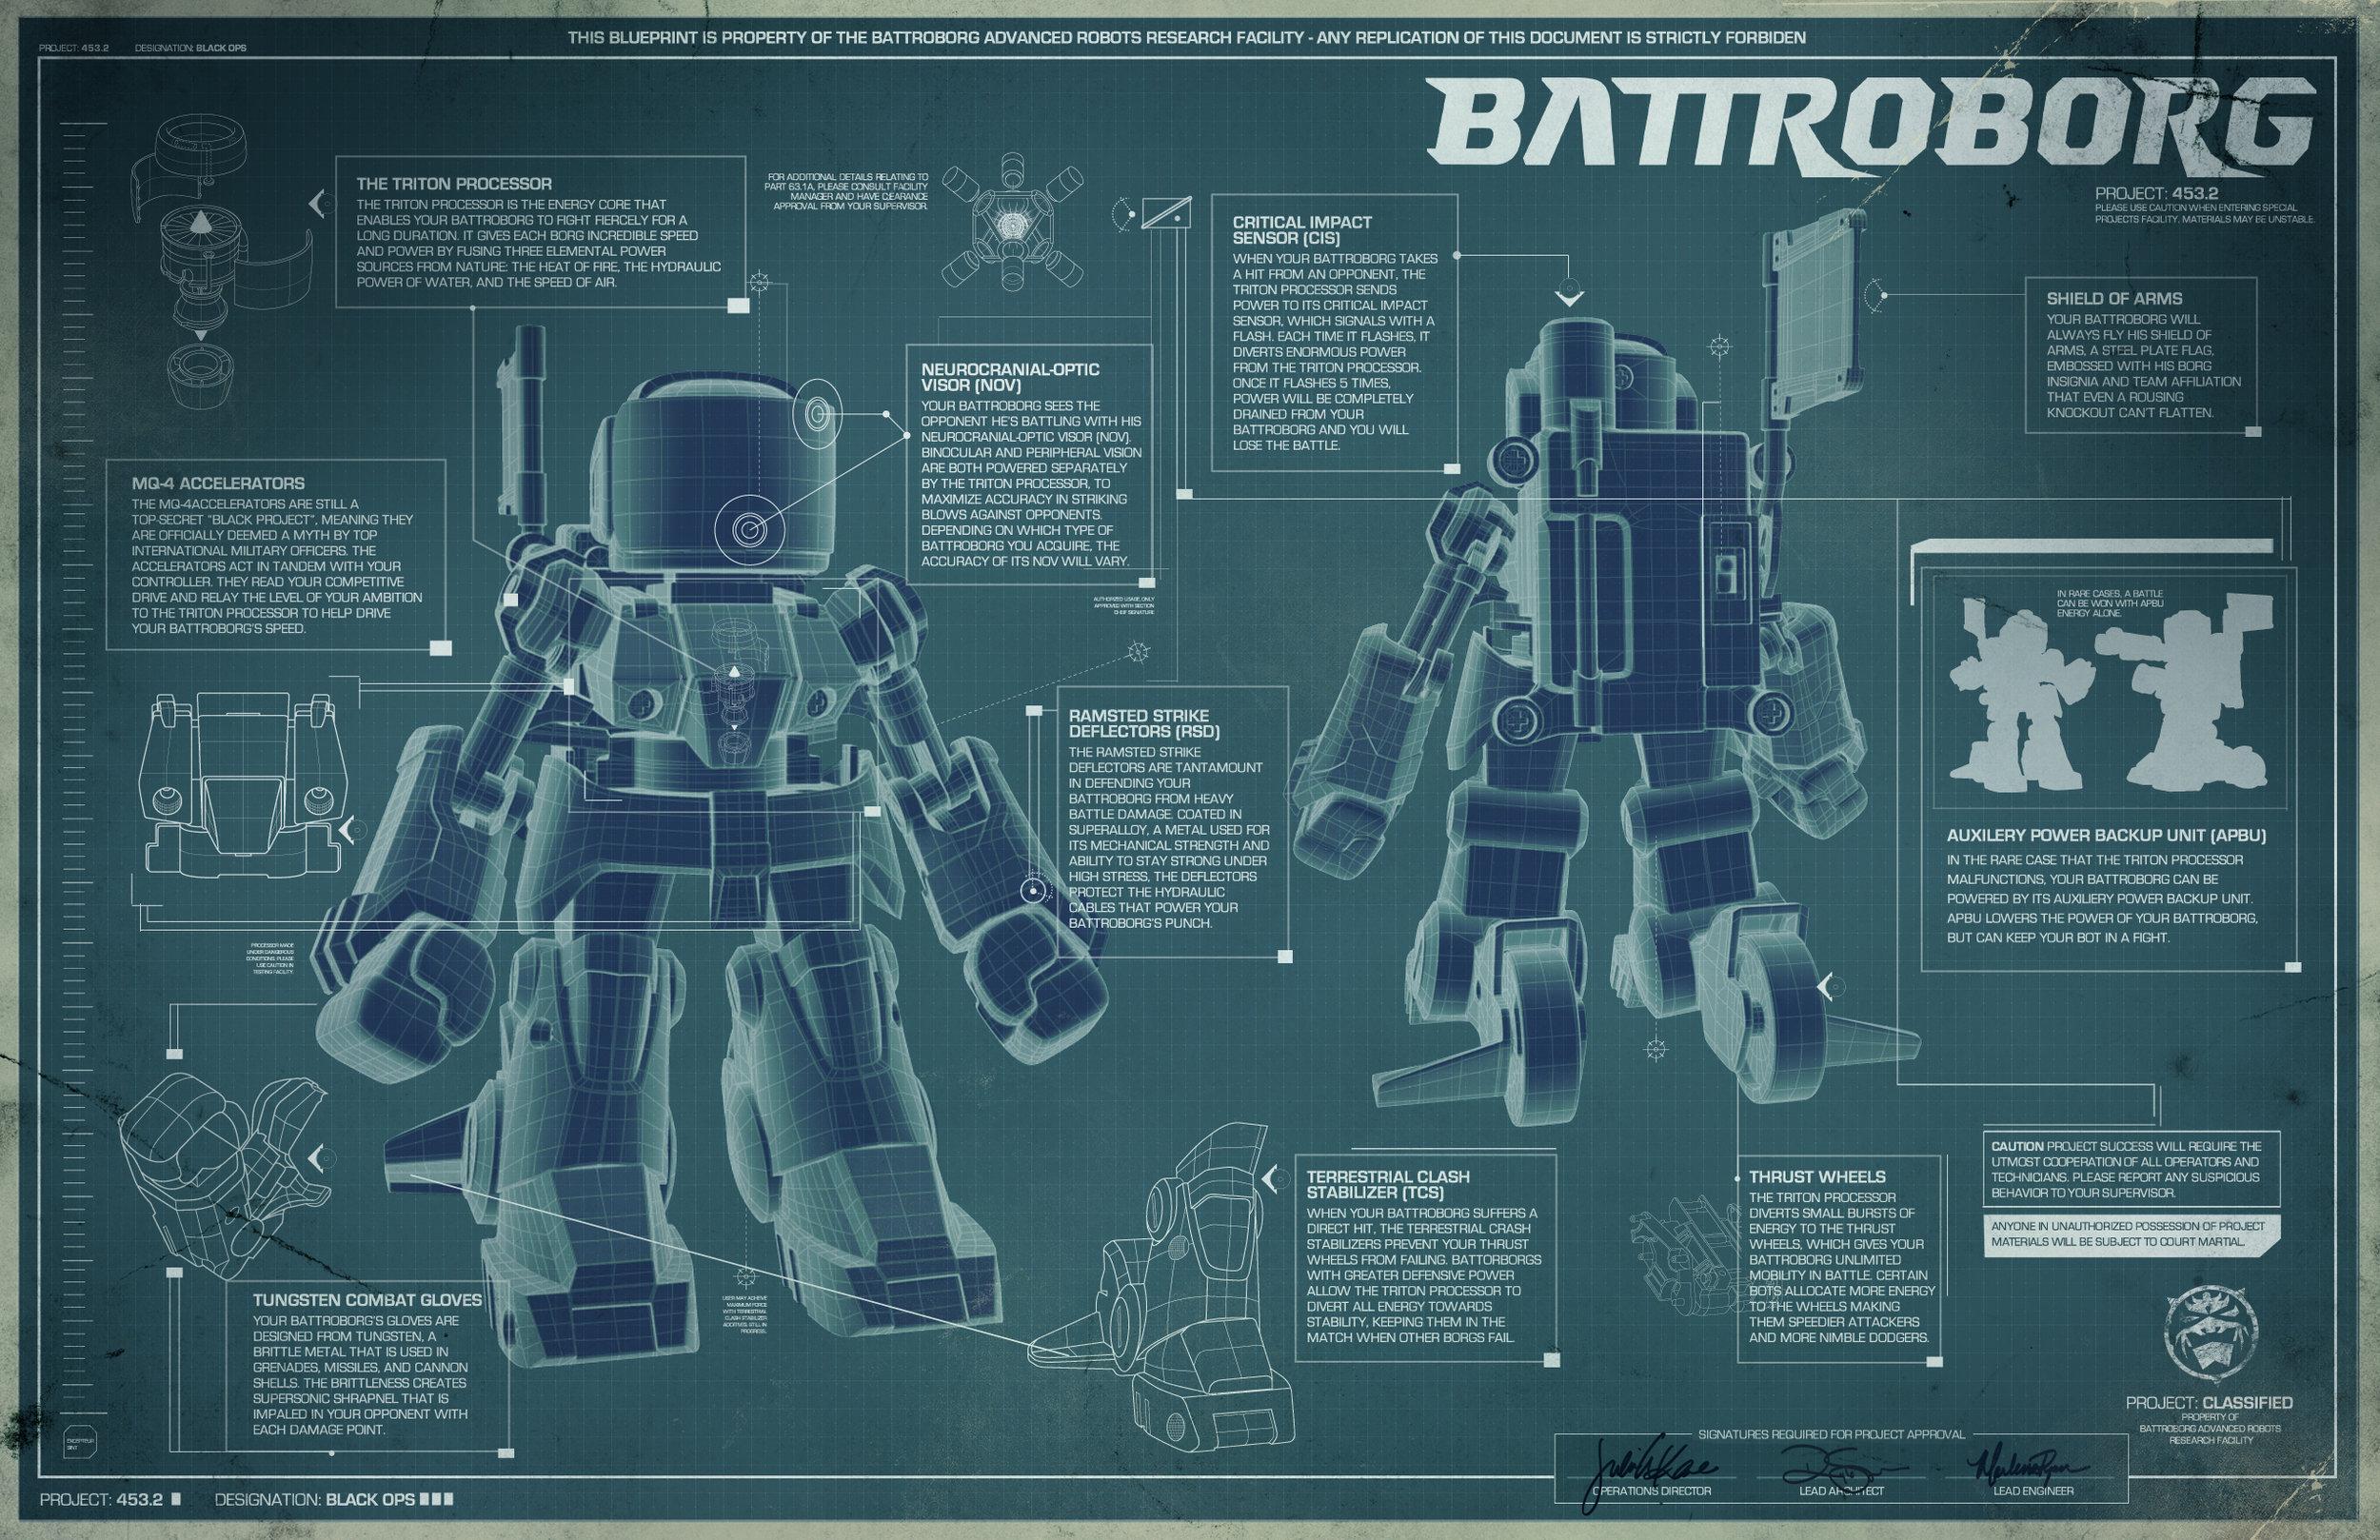 Battroborg_Schematic.jpg